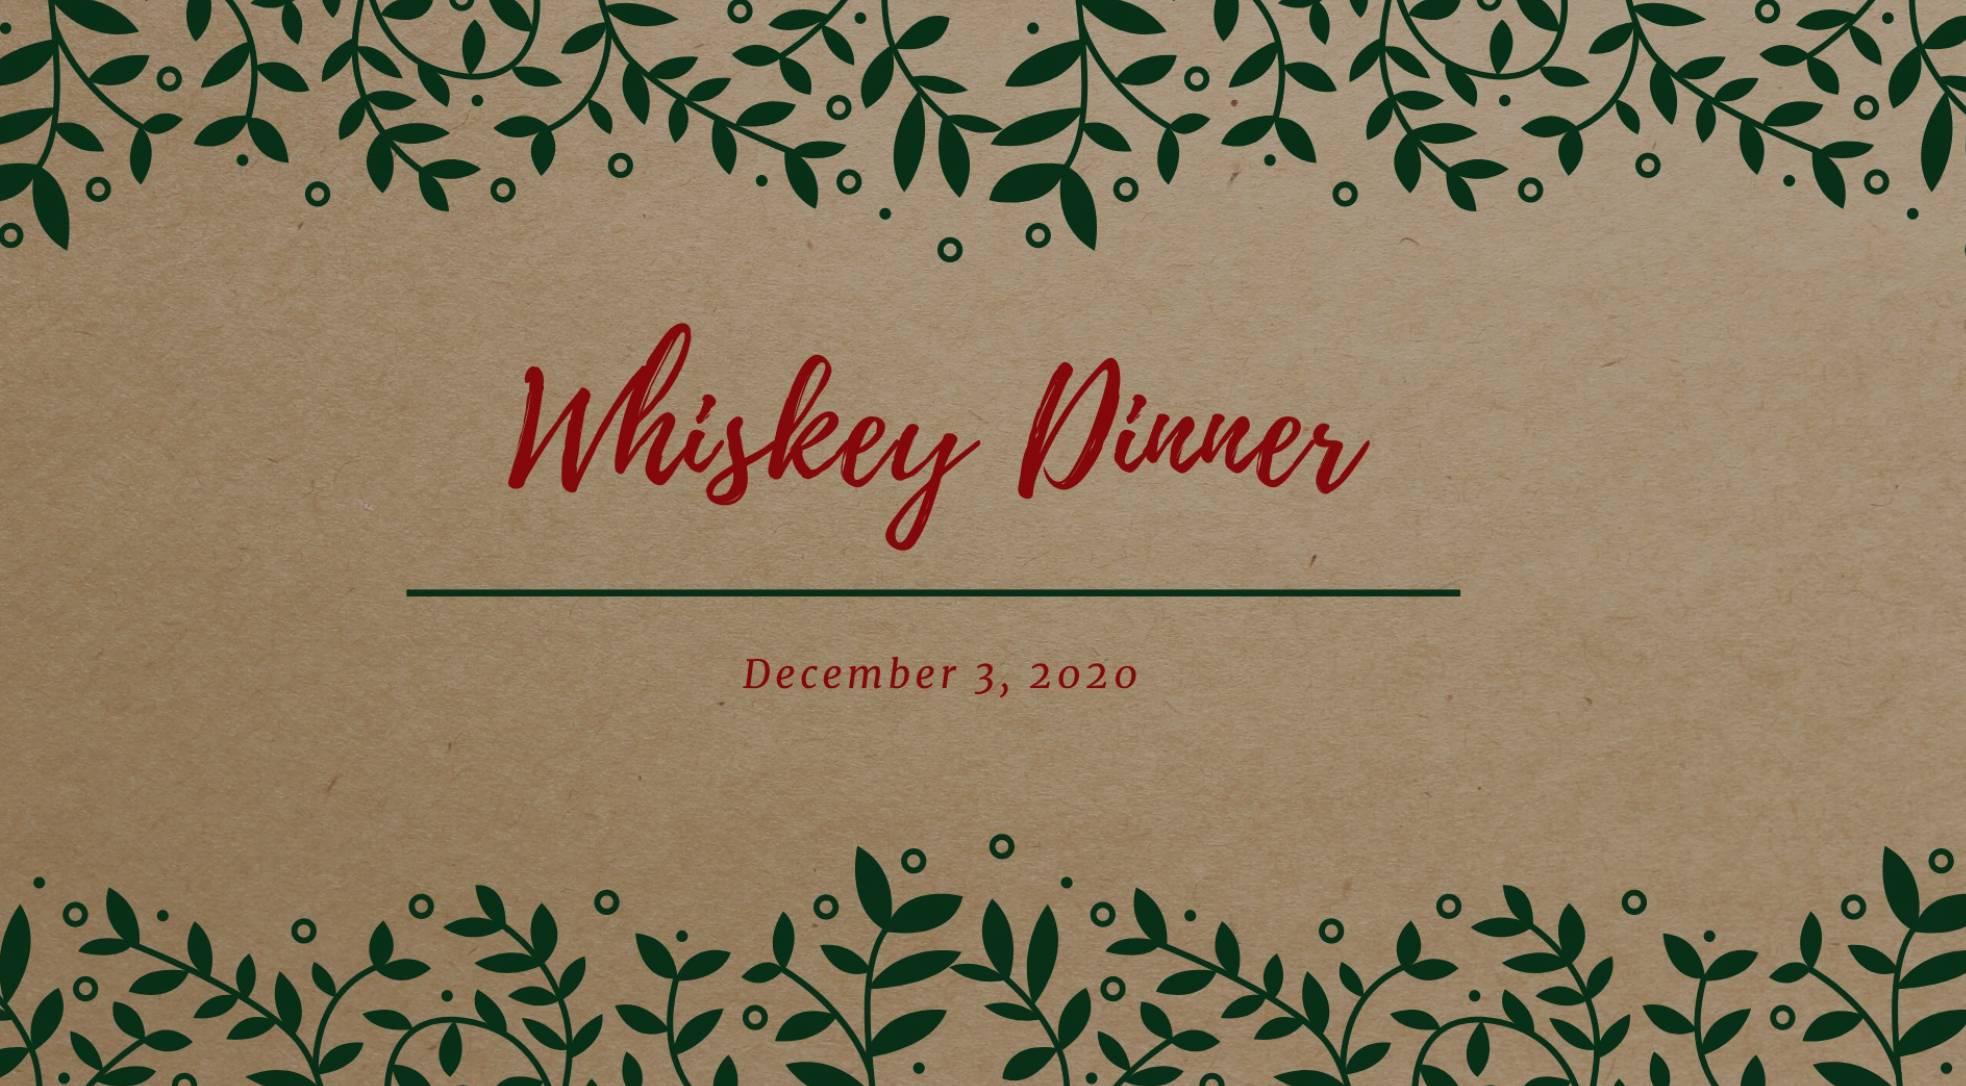 Whiskey Dinner 🥃